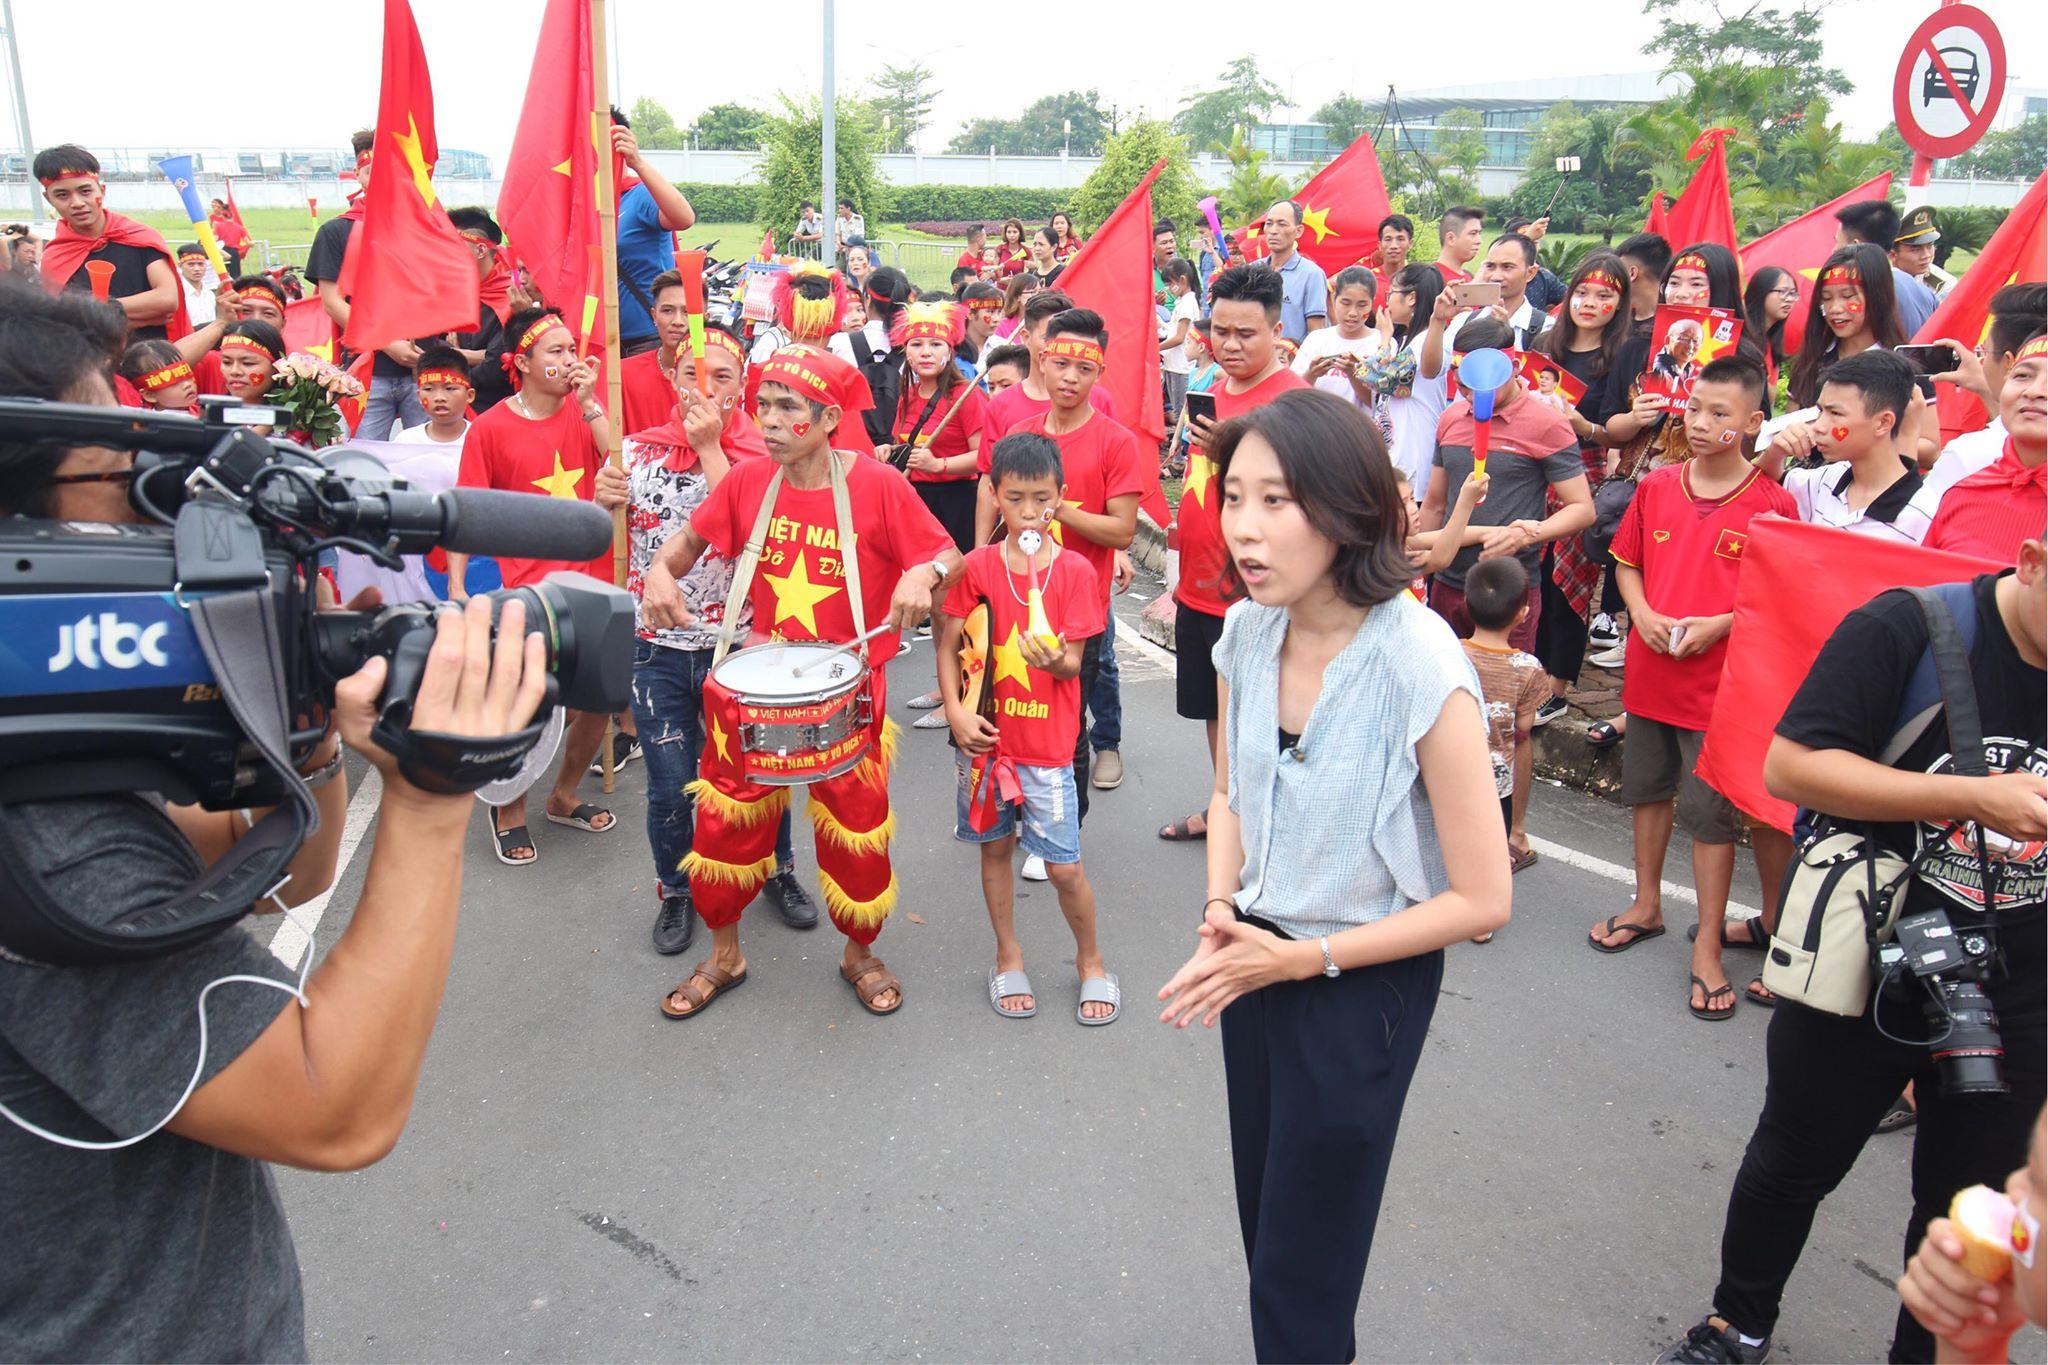 JTBC là một trong bốn công ty mạng truyền hình cáp quốc gia tại Hàn Quốc. Chắc có lẽ vì người hâm mộ Việt Nam dành nhiều tình cảm cho HLV Park Hang-seo nên kênh truyền hình này đã cắt cử phóng viên đưa tin.